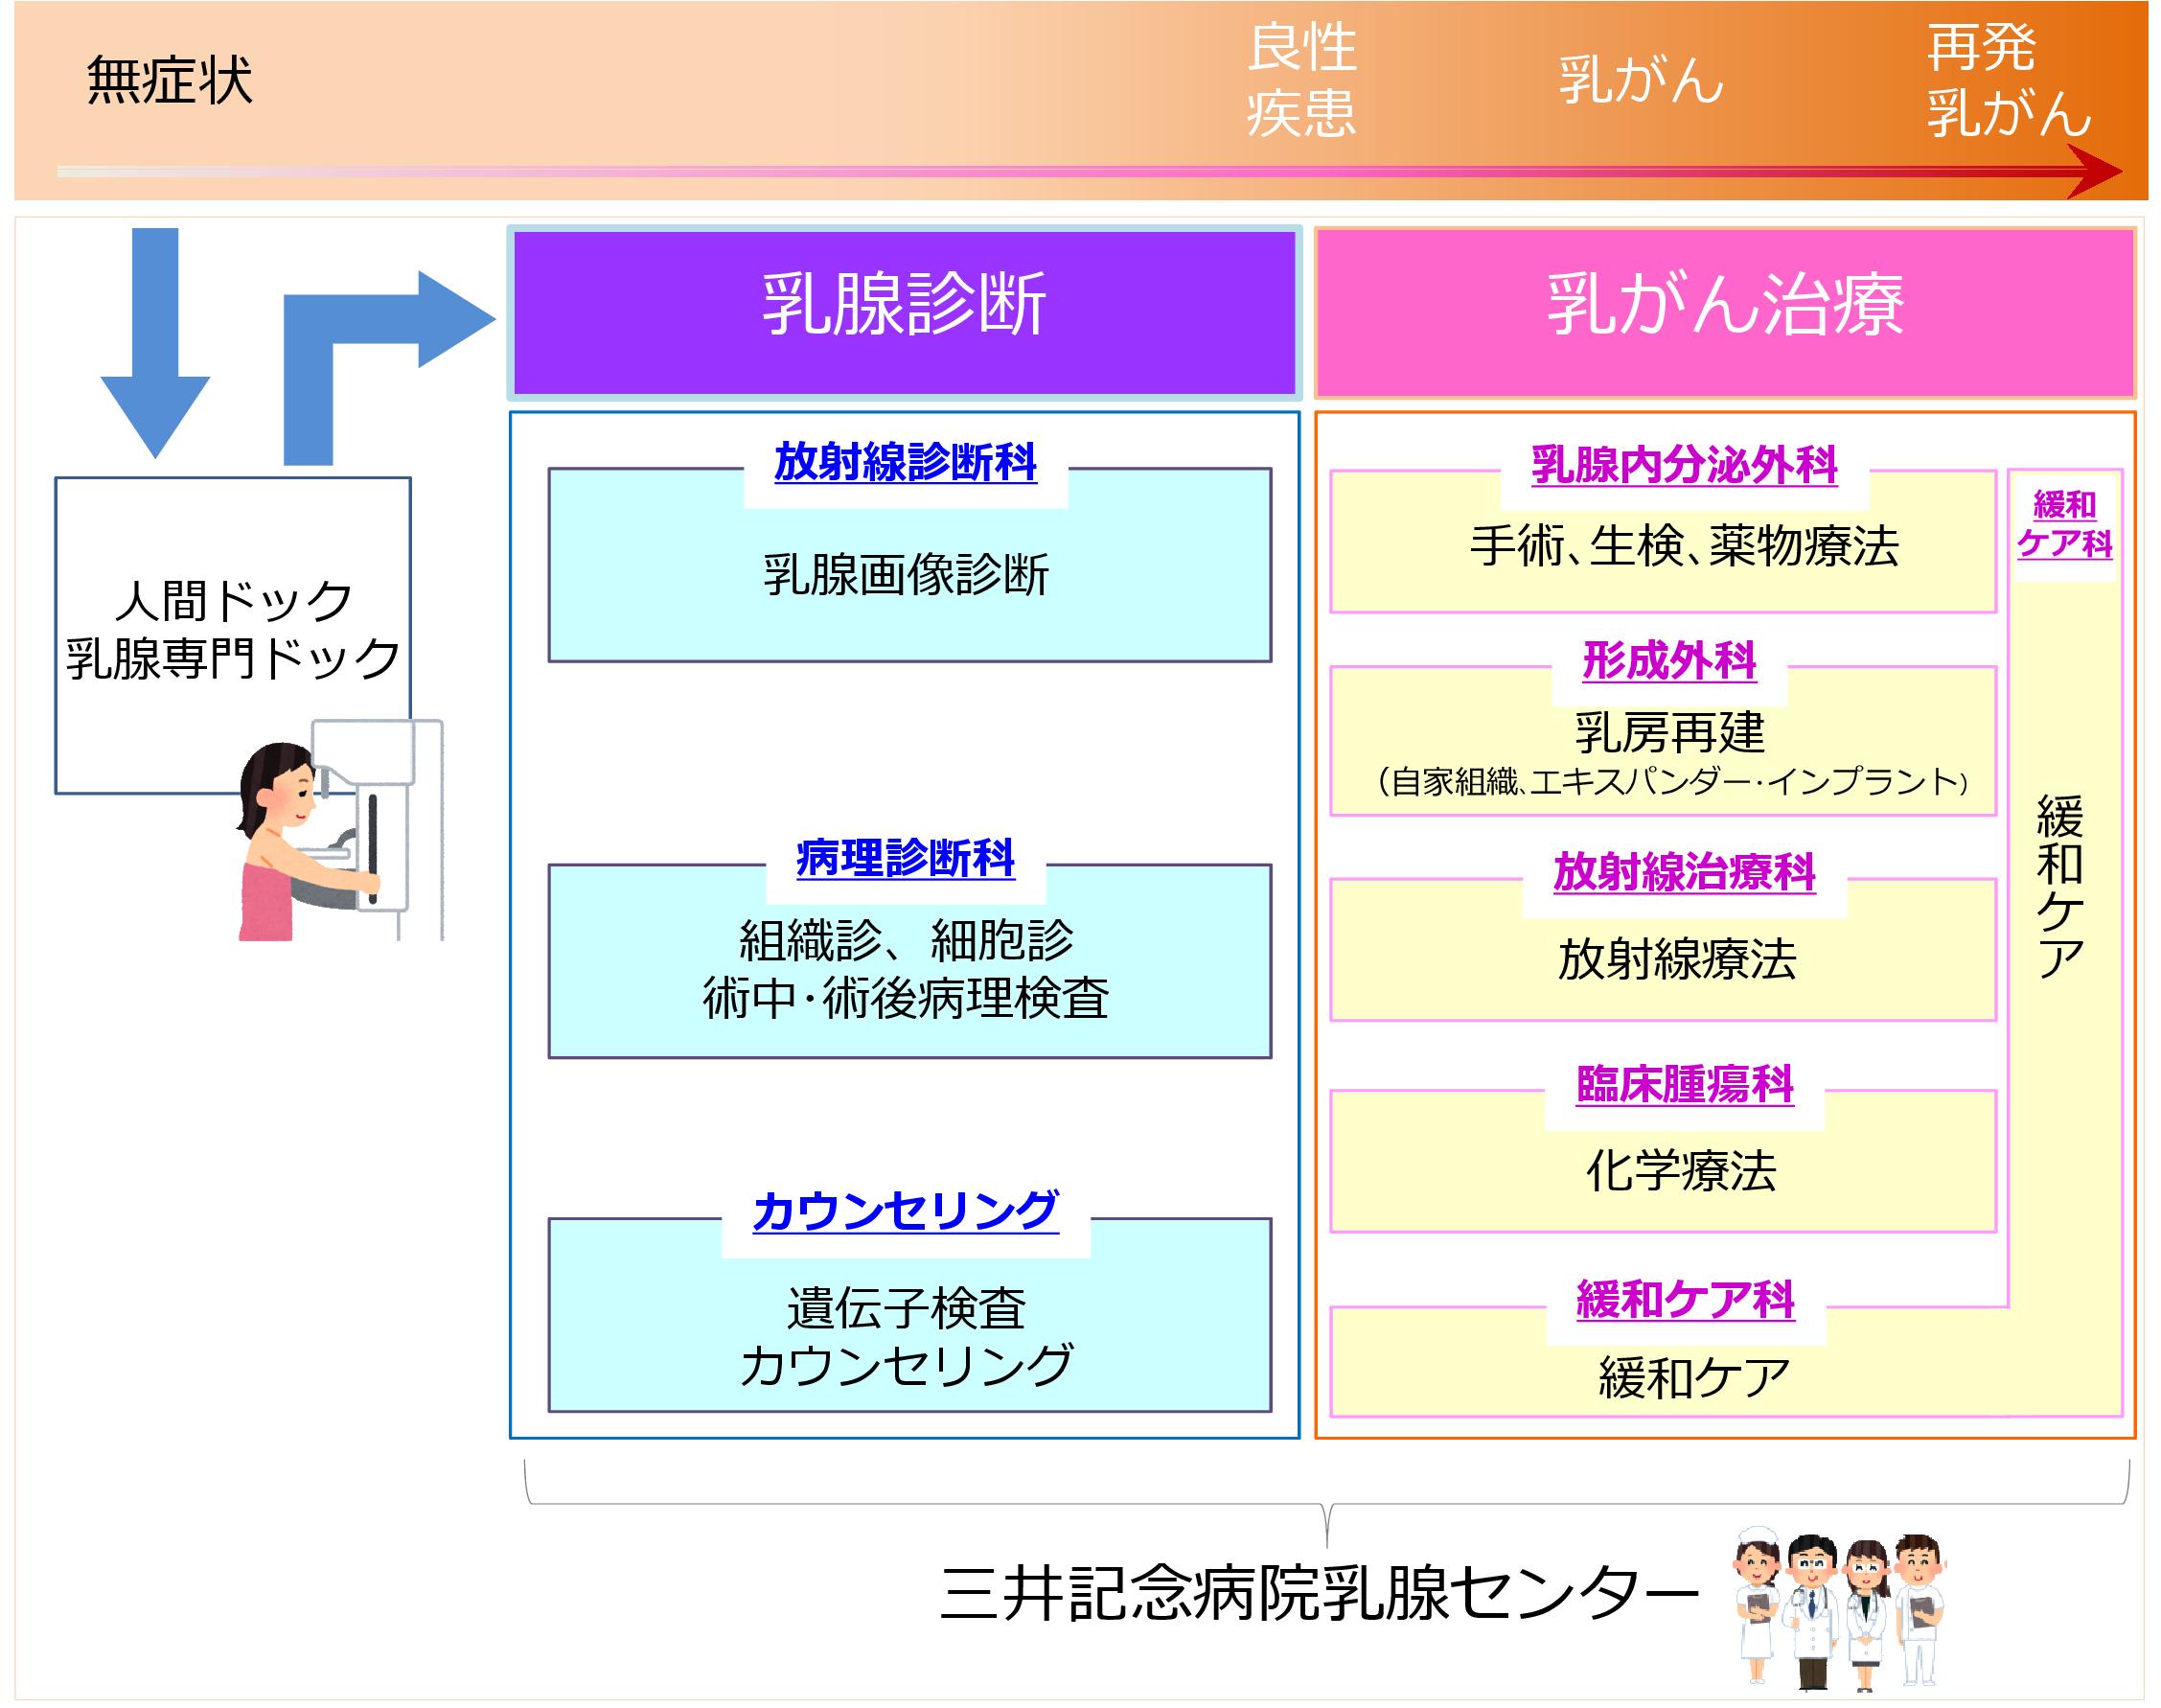 三井記念病院がん診療のフロー